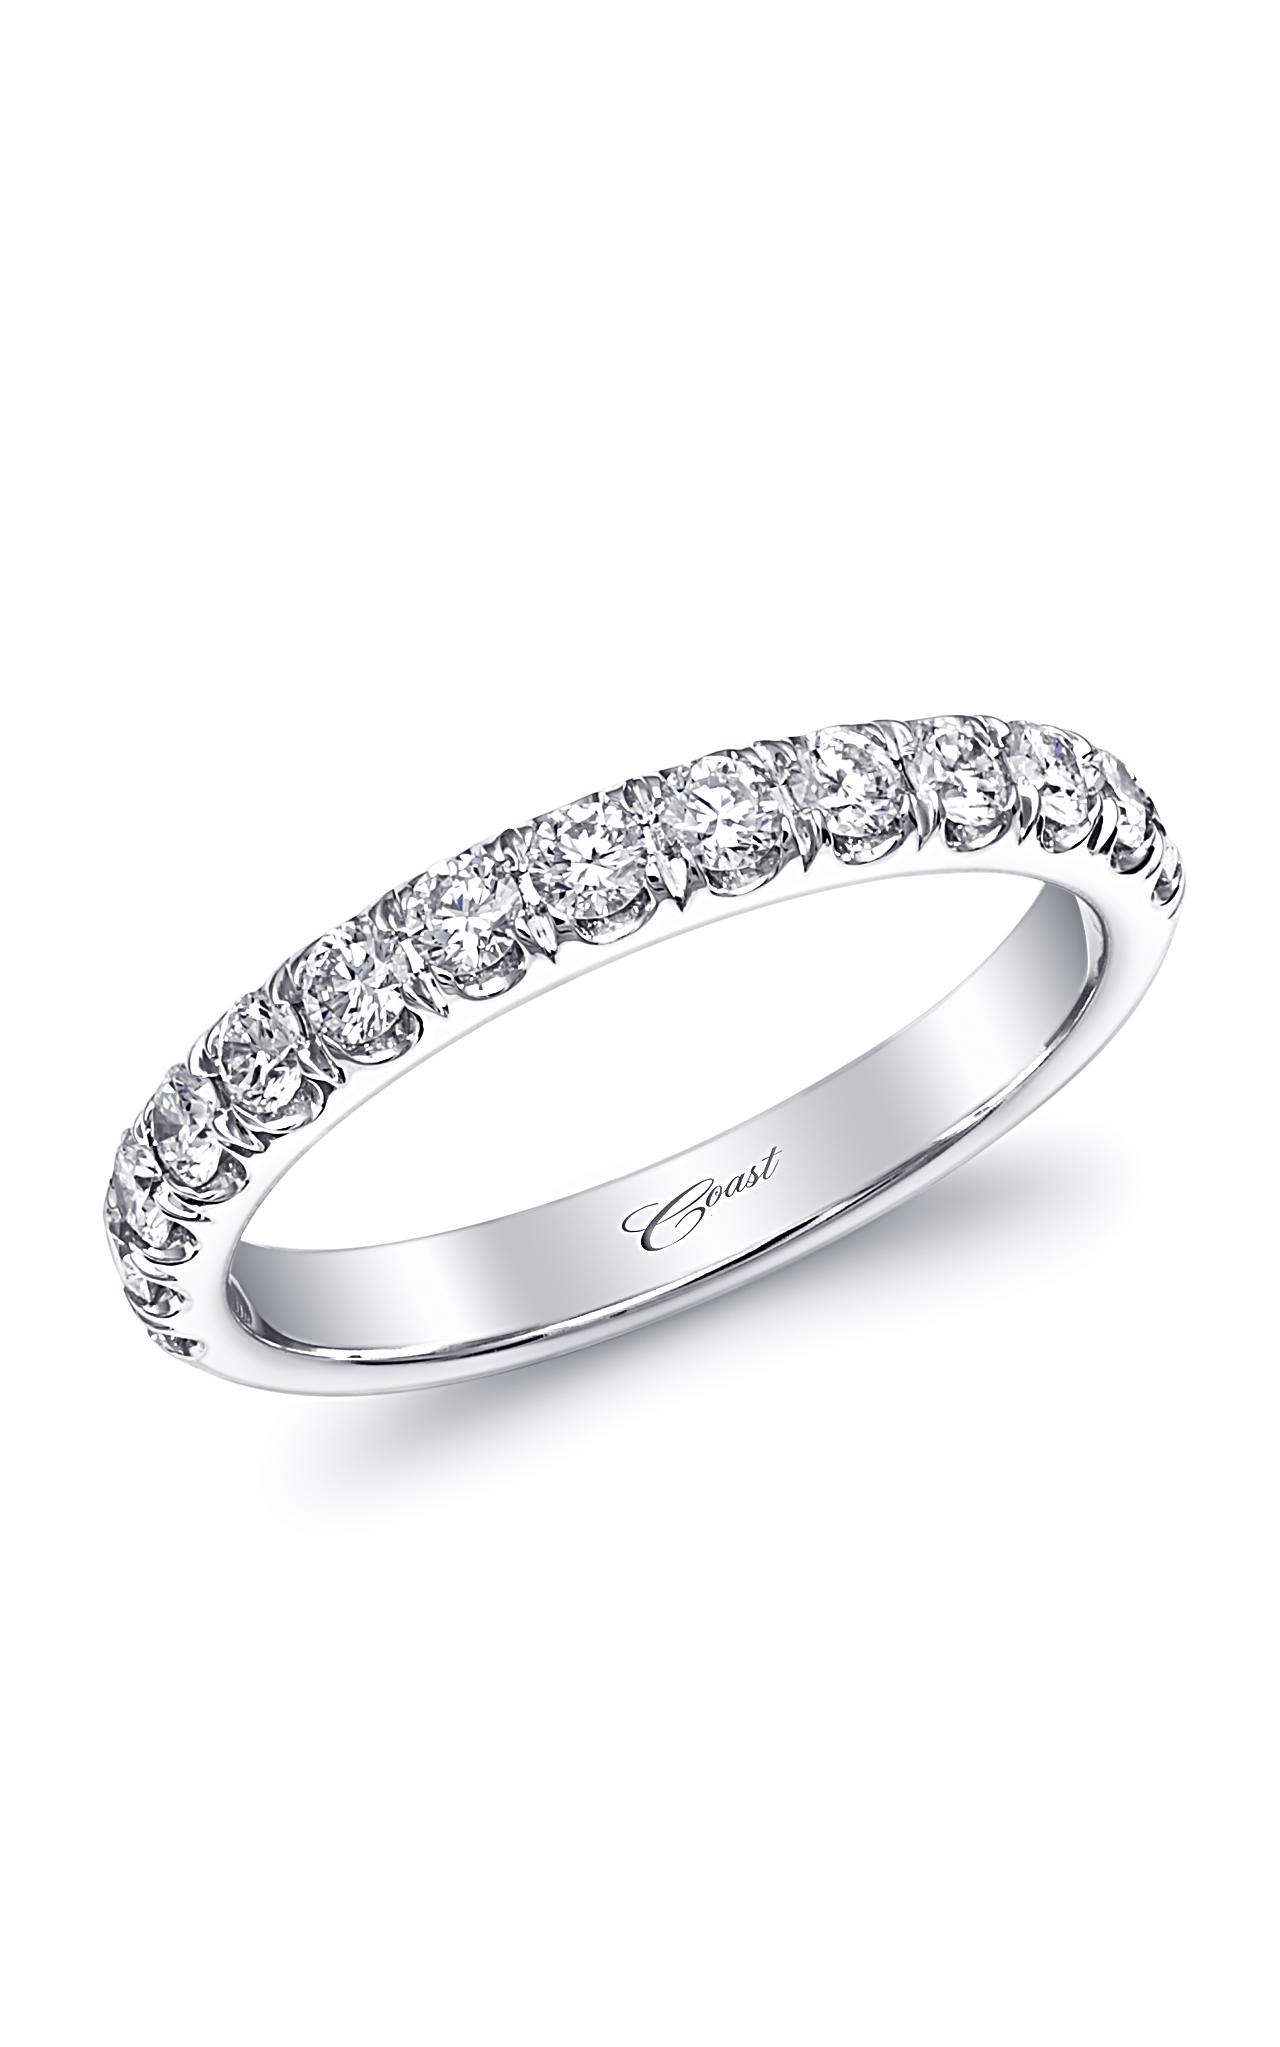 Coast Diamond Wedding Bands WC5181H product image